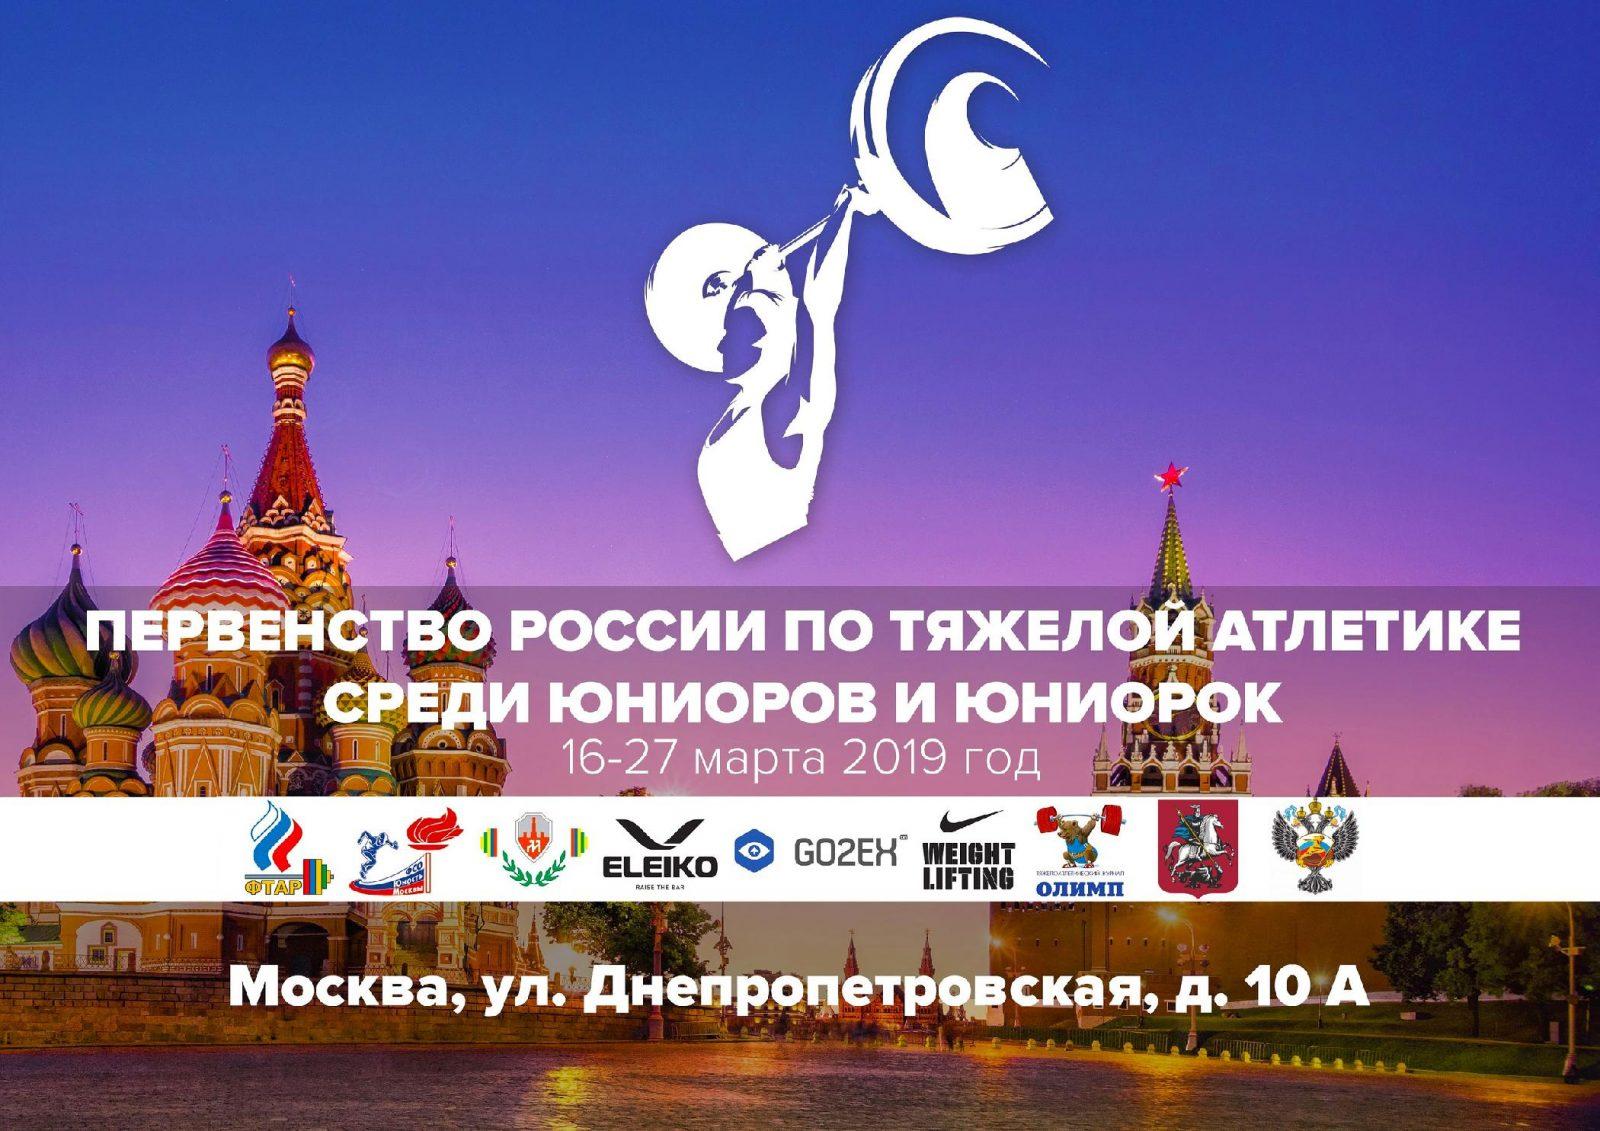 Первенство России среди юниоров и юниорок (до 20 лет). Торжественное открытие 1